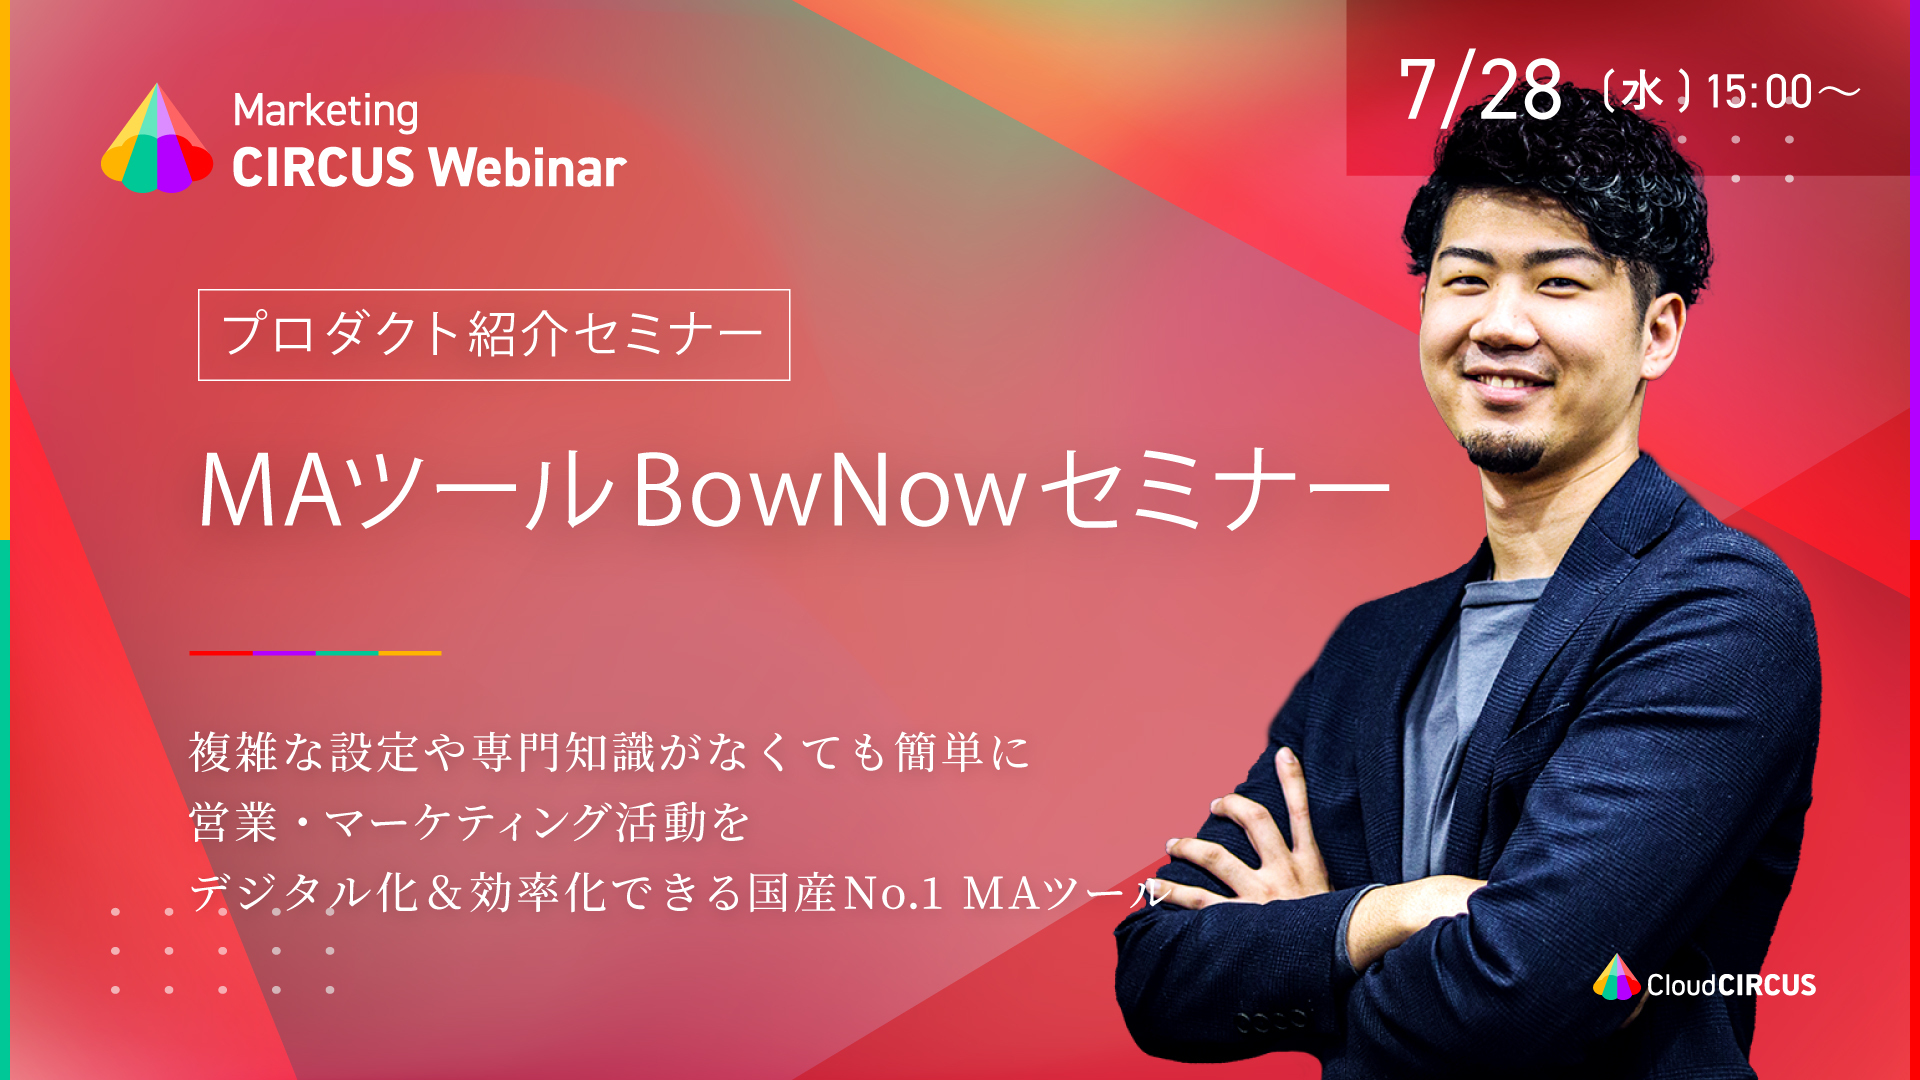 【7月28日(水)】MAツール BowNowセミナー。国産MAシェアNo.1の実績。無料で、素早く、簡単に商談創出!